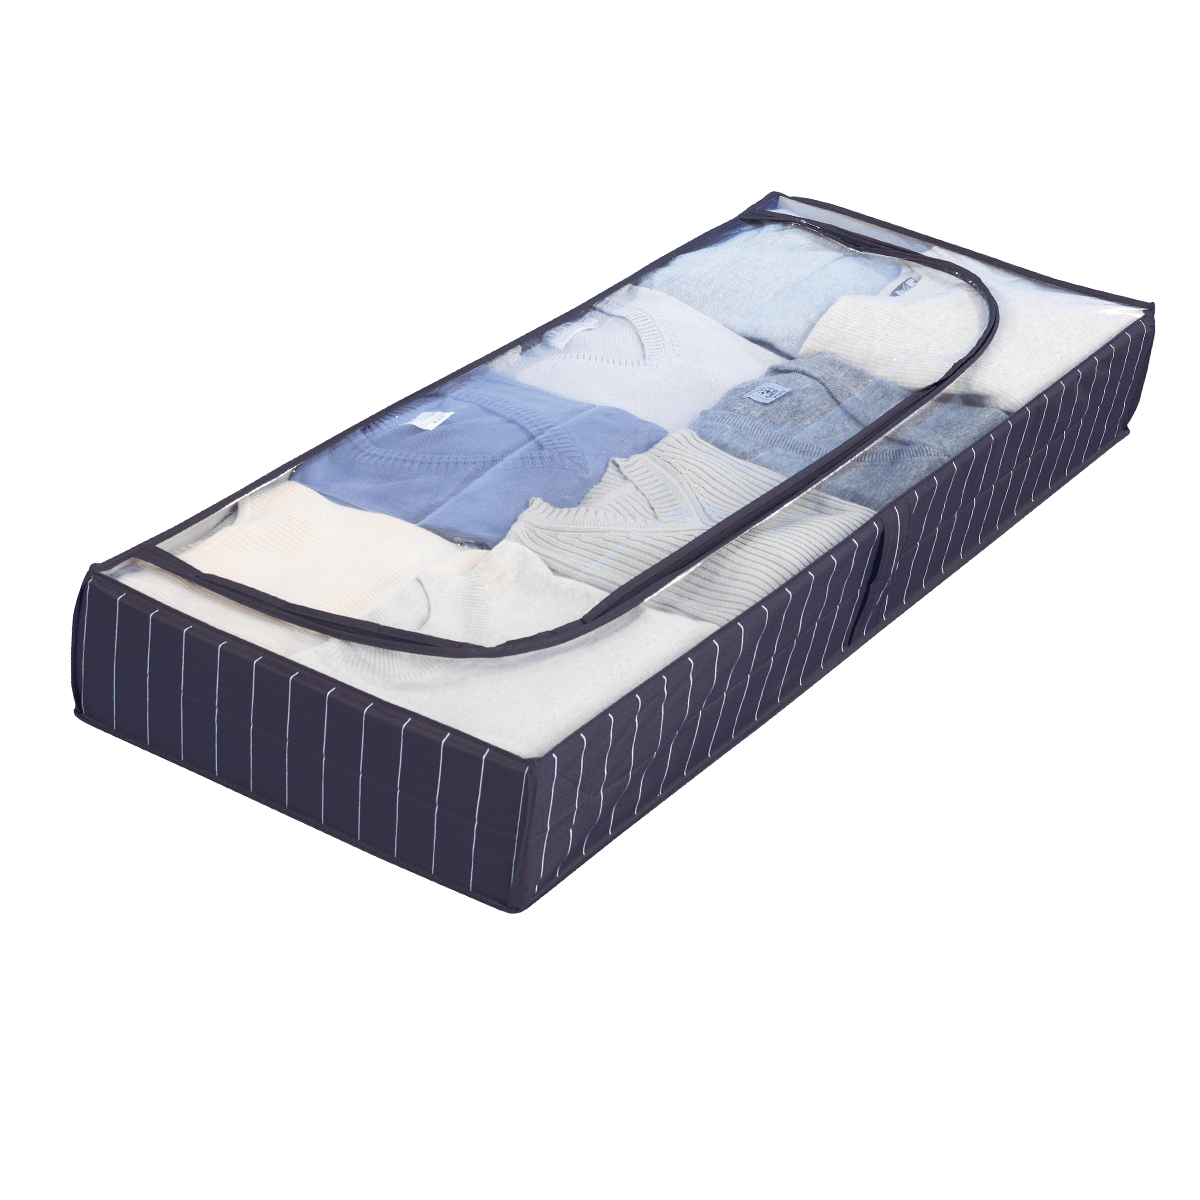 housse sous le lit rangement v tements. Black Bedroom Furniture Sets. Home Design Ideas